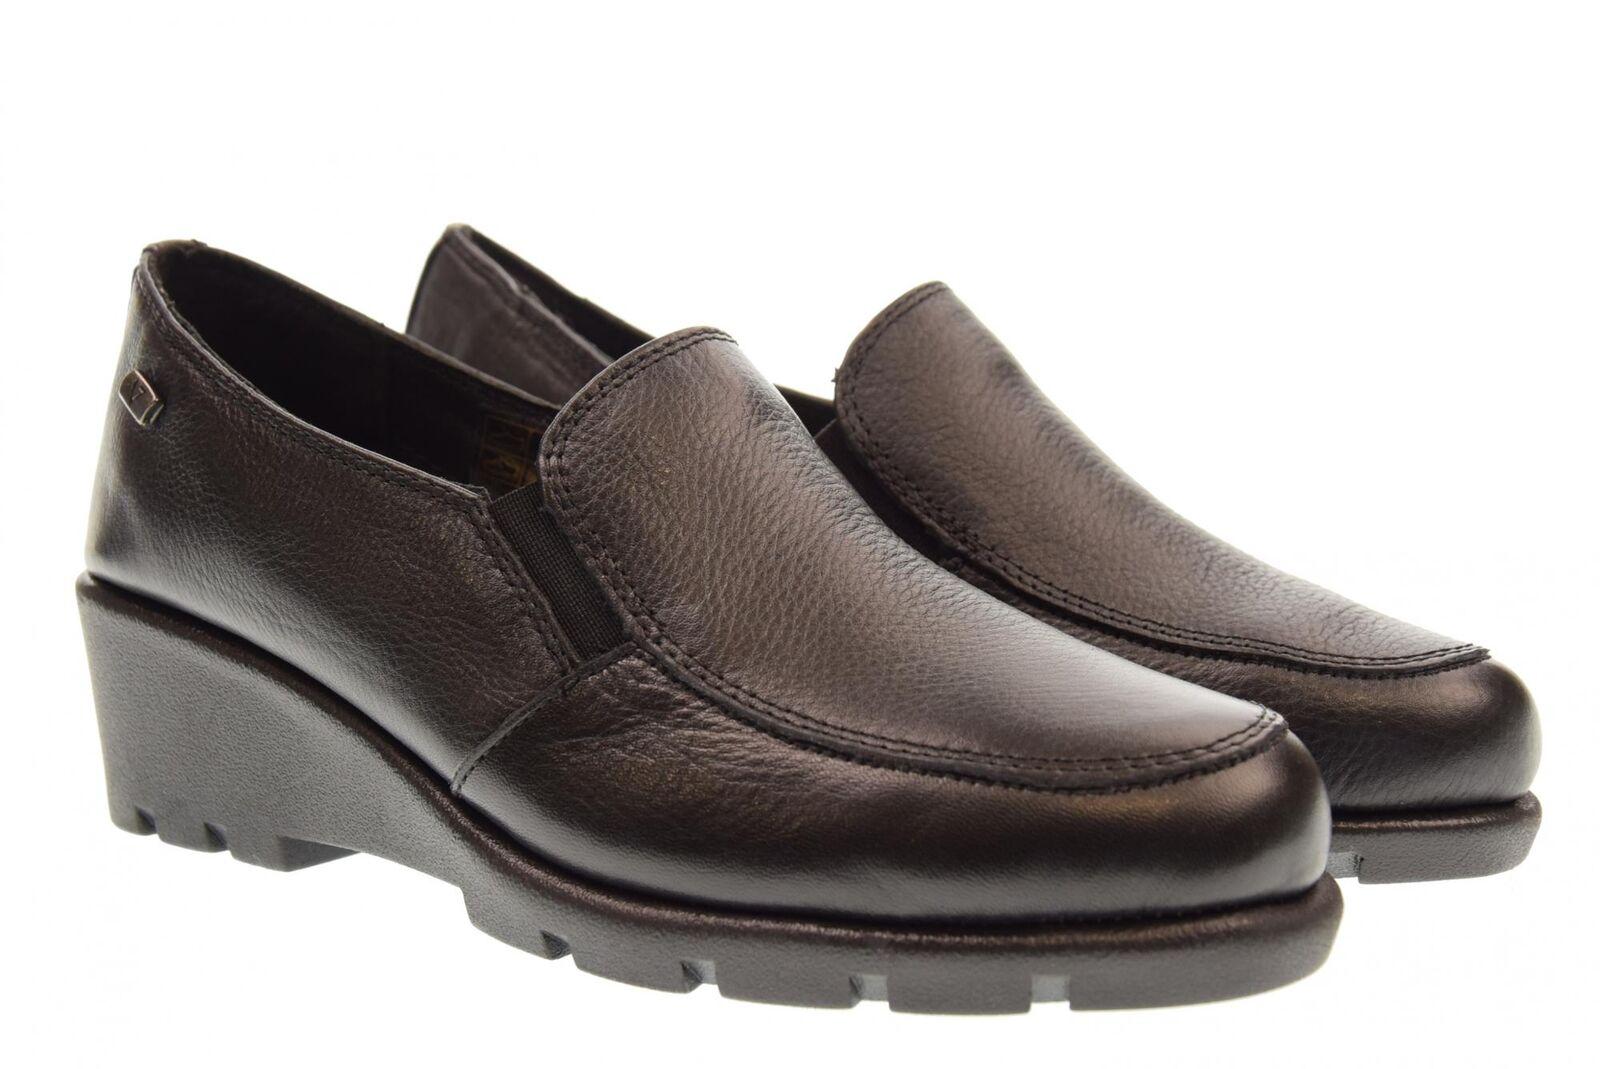 negozio di moda in vendita Valleverde scarpe donna mocassino mocassino mocassino con zeppa 36404 A18  spedizione gratuita